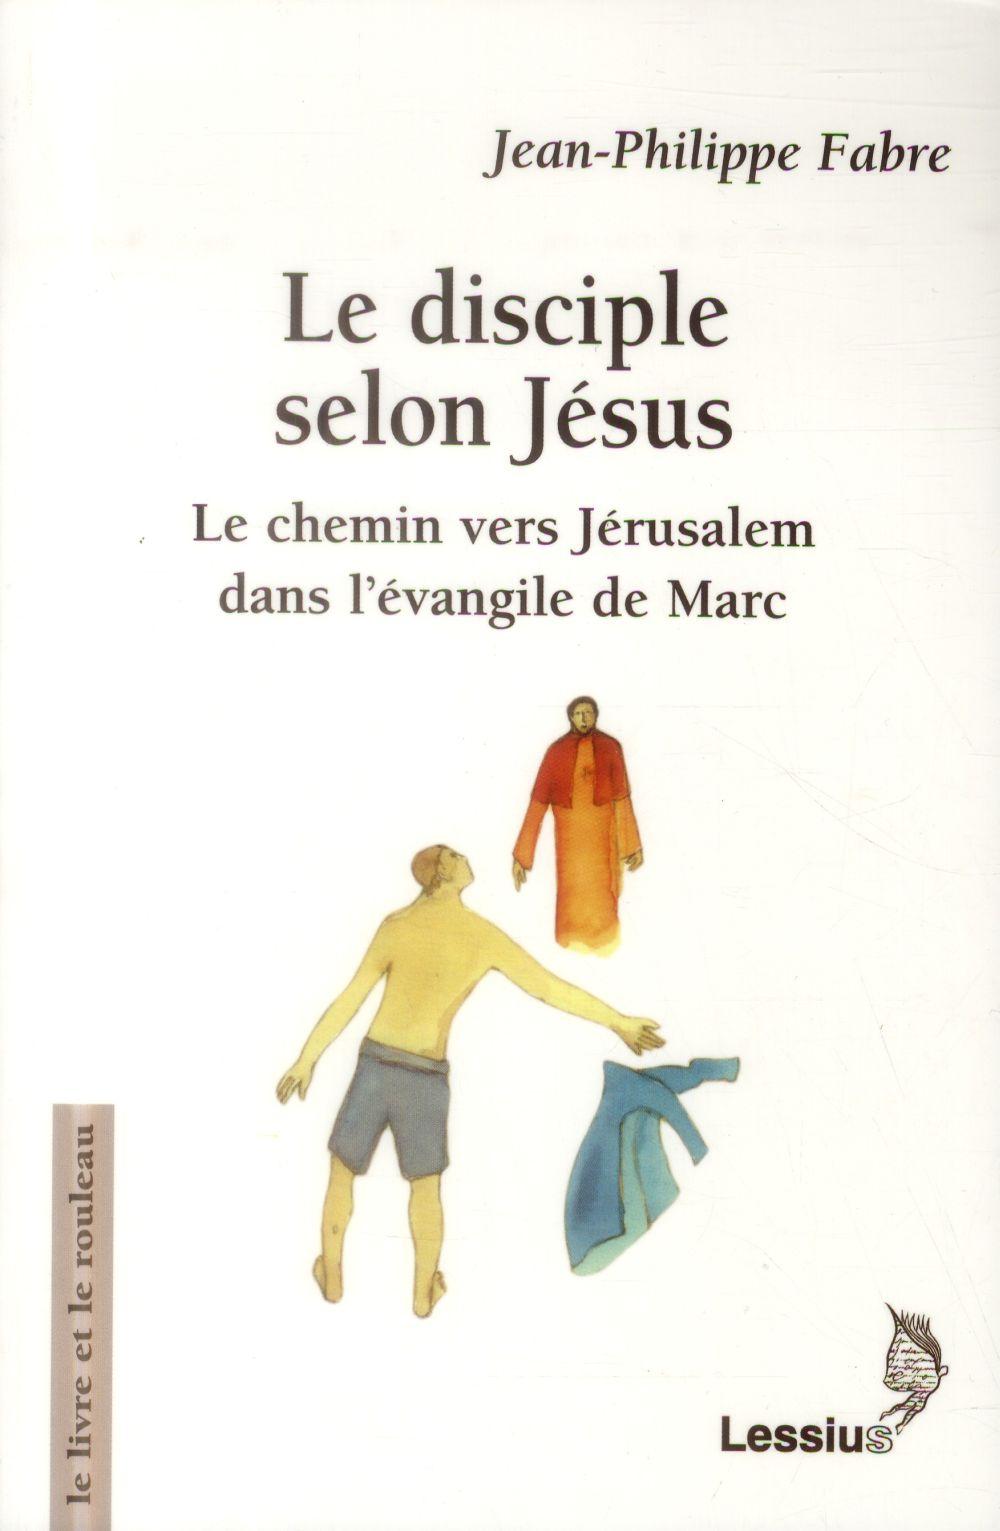 LE DISCIPLE SELON JESUS - LE CHEMIN VERS JERUSALEM DANS L'EVANGILE DE MARC